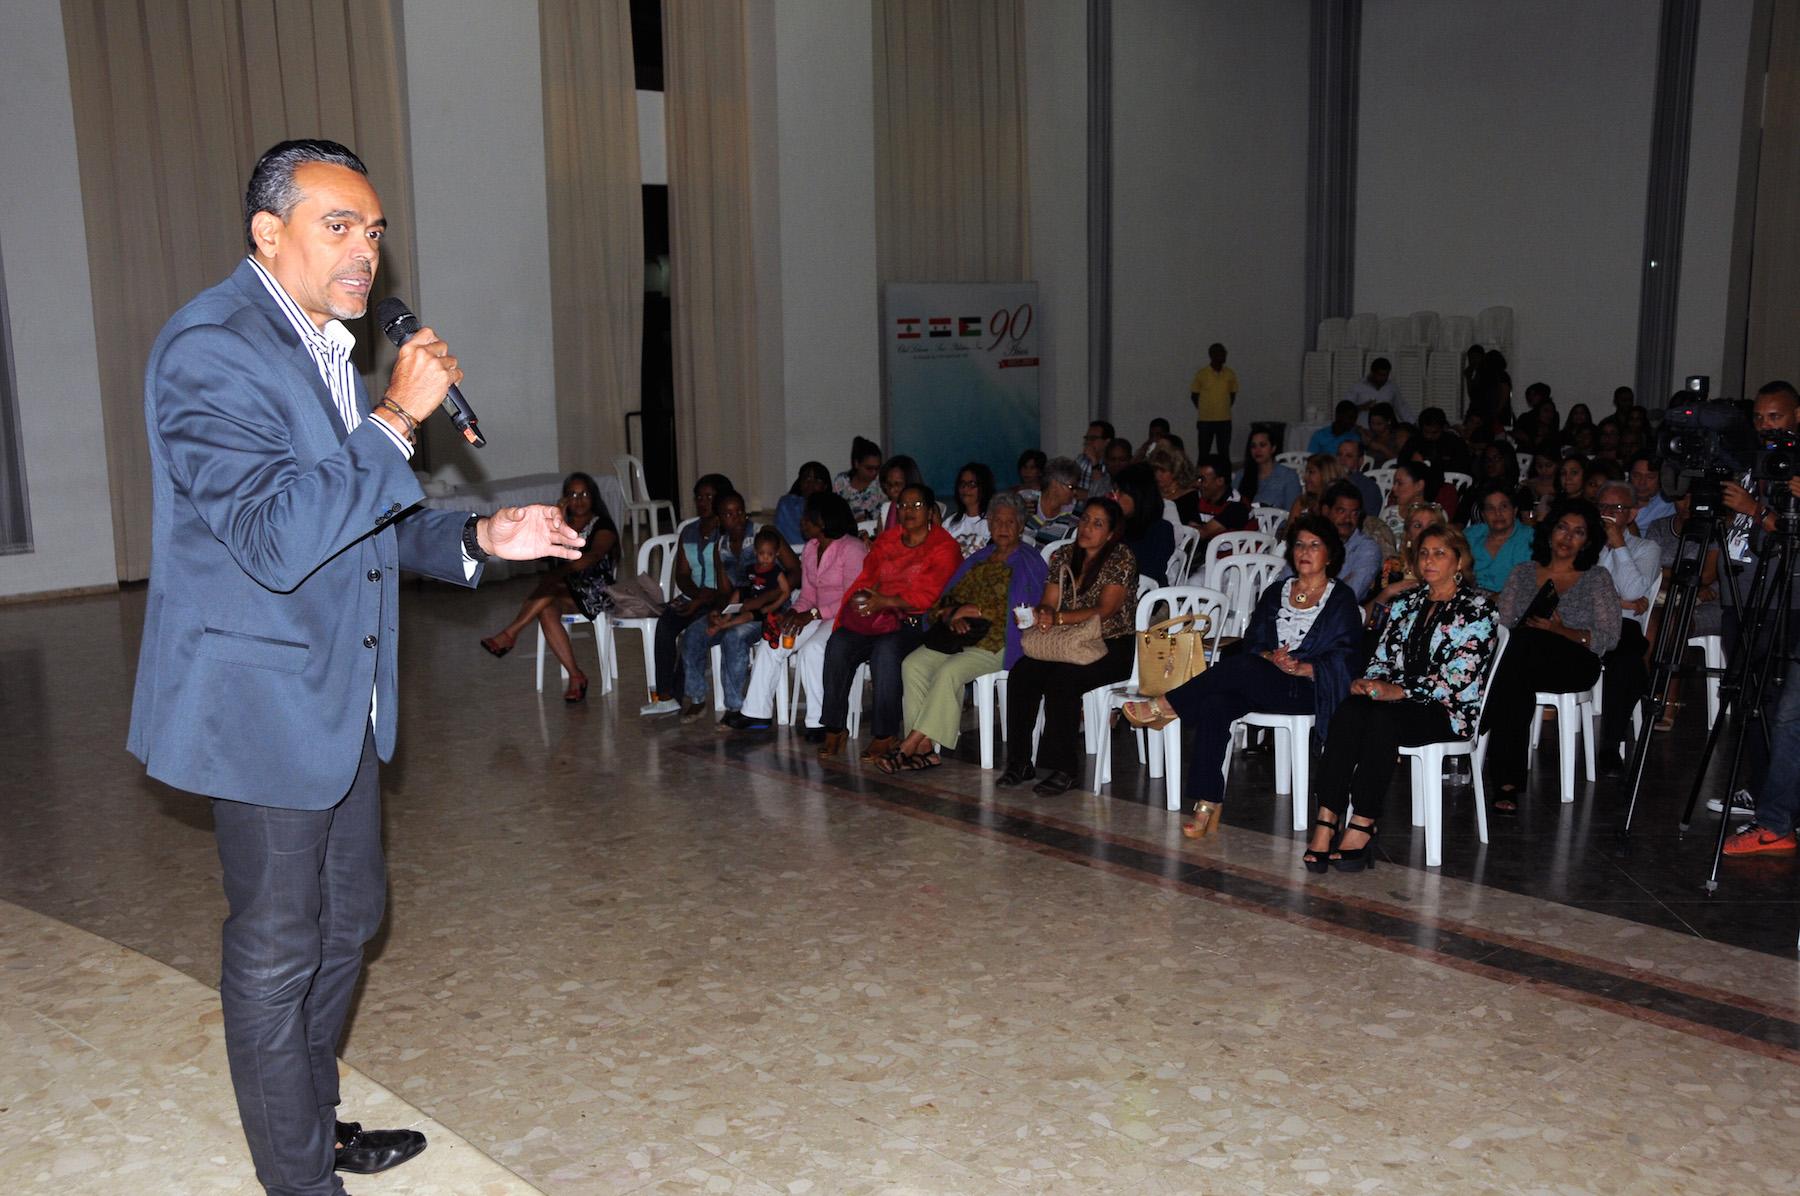 El empresario Fernando Quezada en la rueda de prensa cuando se dieron a conocer detalles de la edición 2016 del evento.